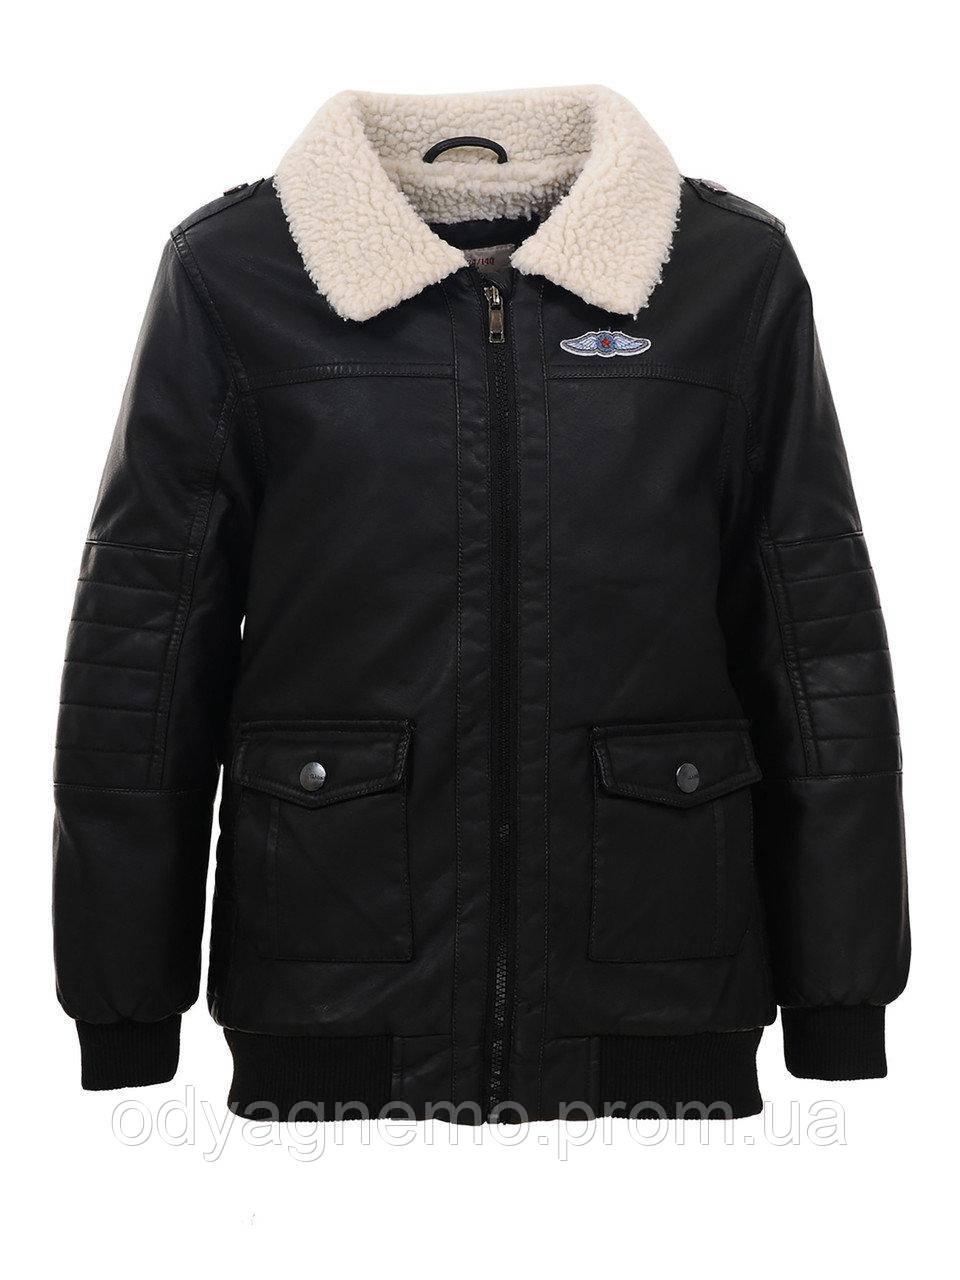 Куртка кожзам на меху для мальчиков Glo-Story , 92-122/128 рр.